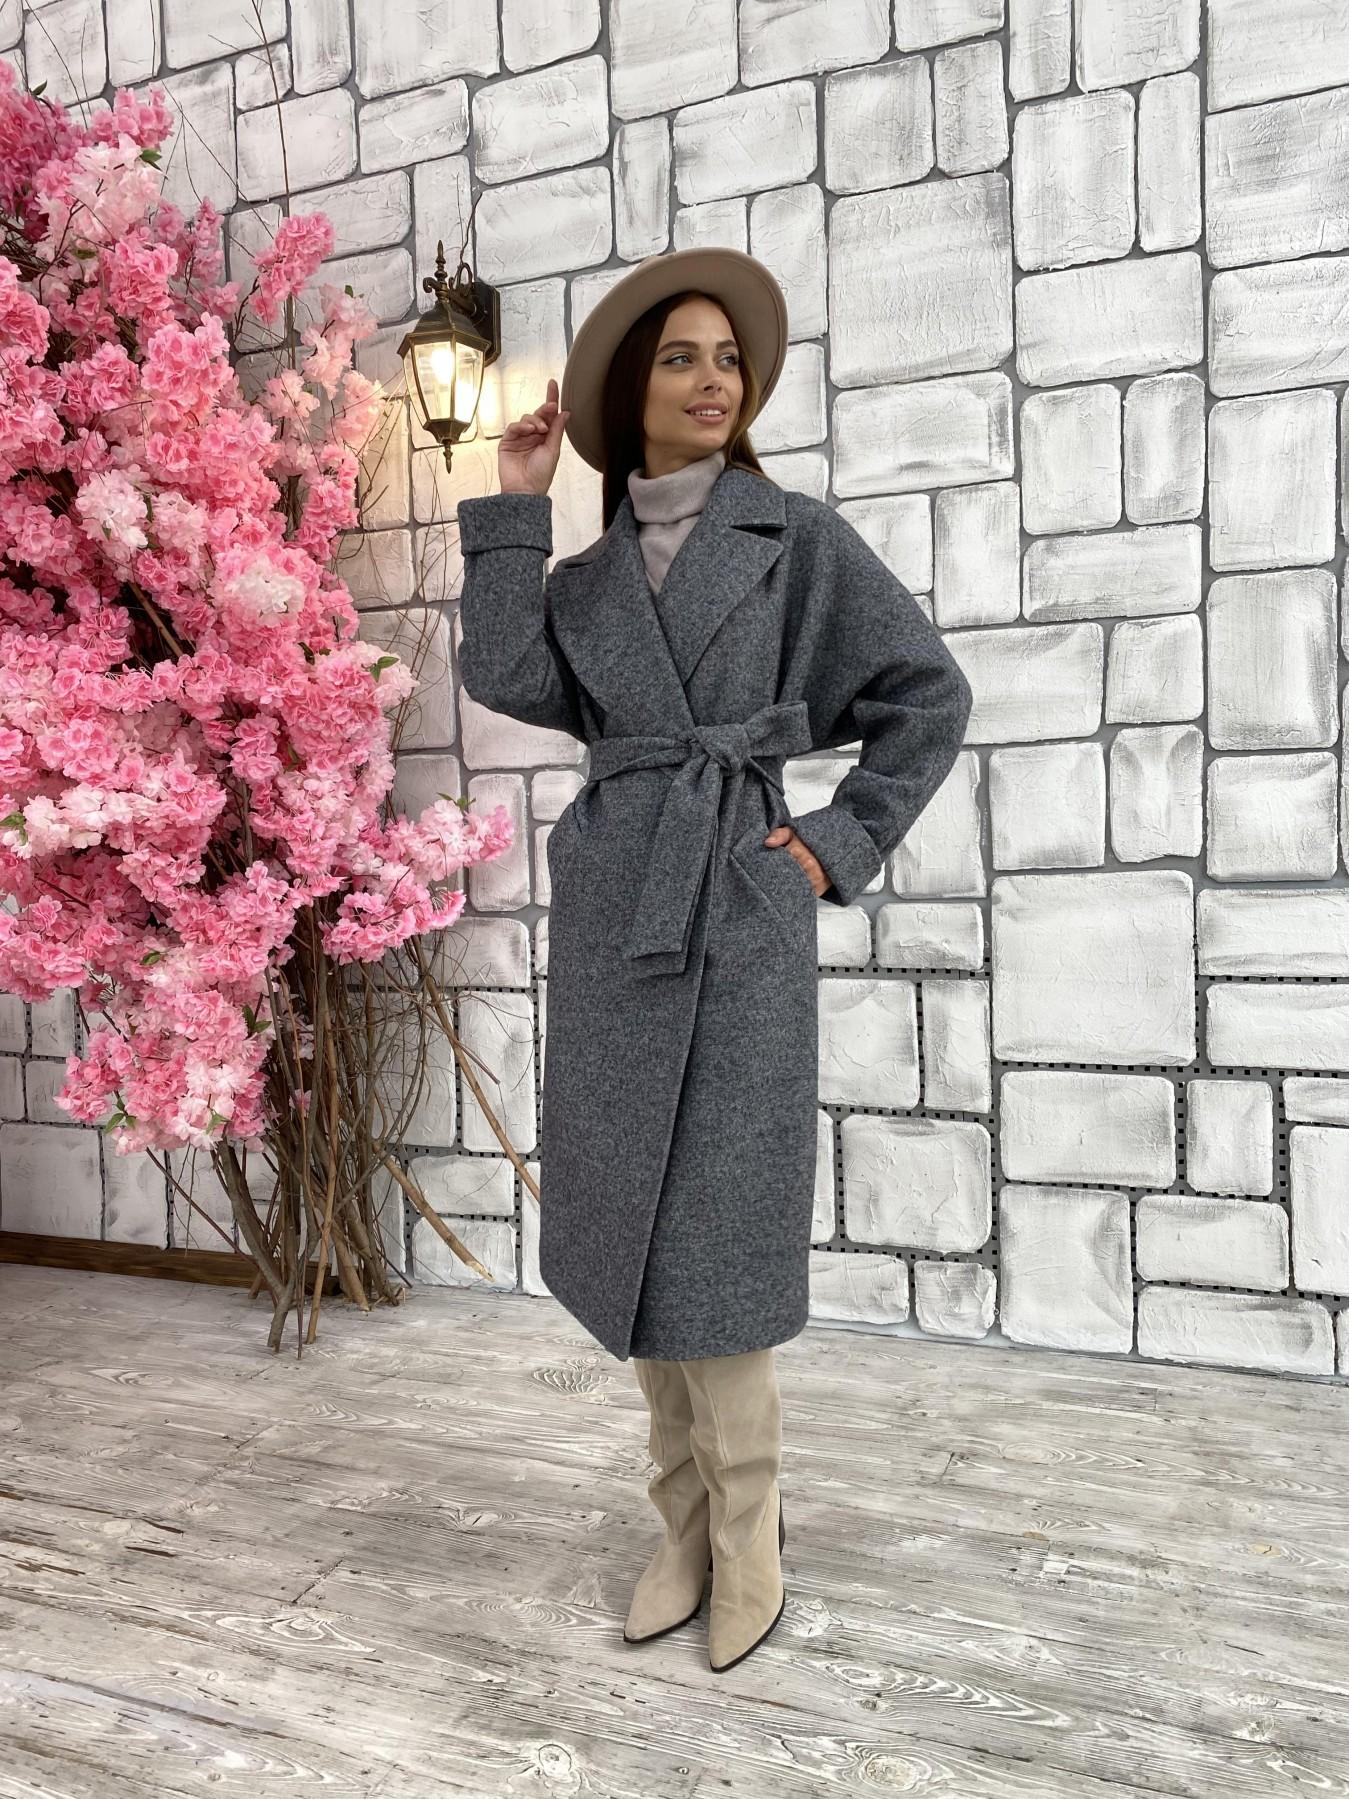 Влада шерсть варенка ткань пальто 11639 АРТ. 48351 Цвет: Серый темный 5 - фото 5, интернет магазин tm-modus.ru